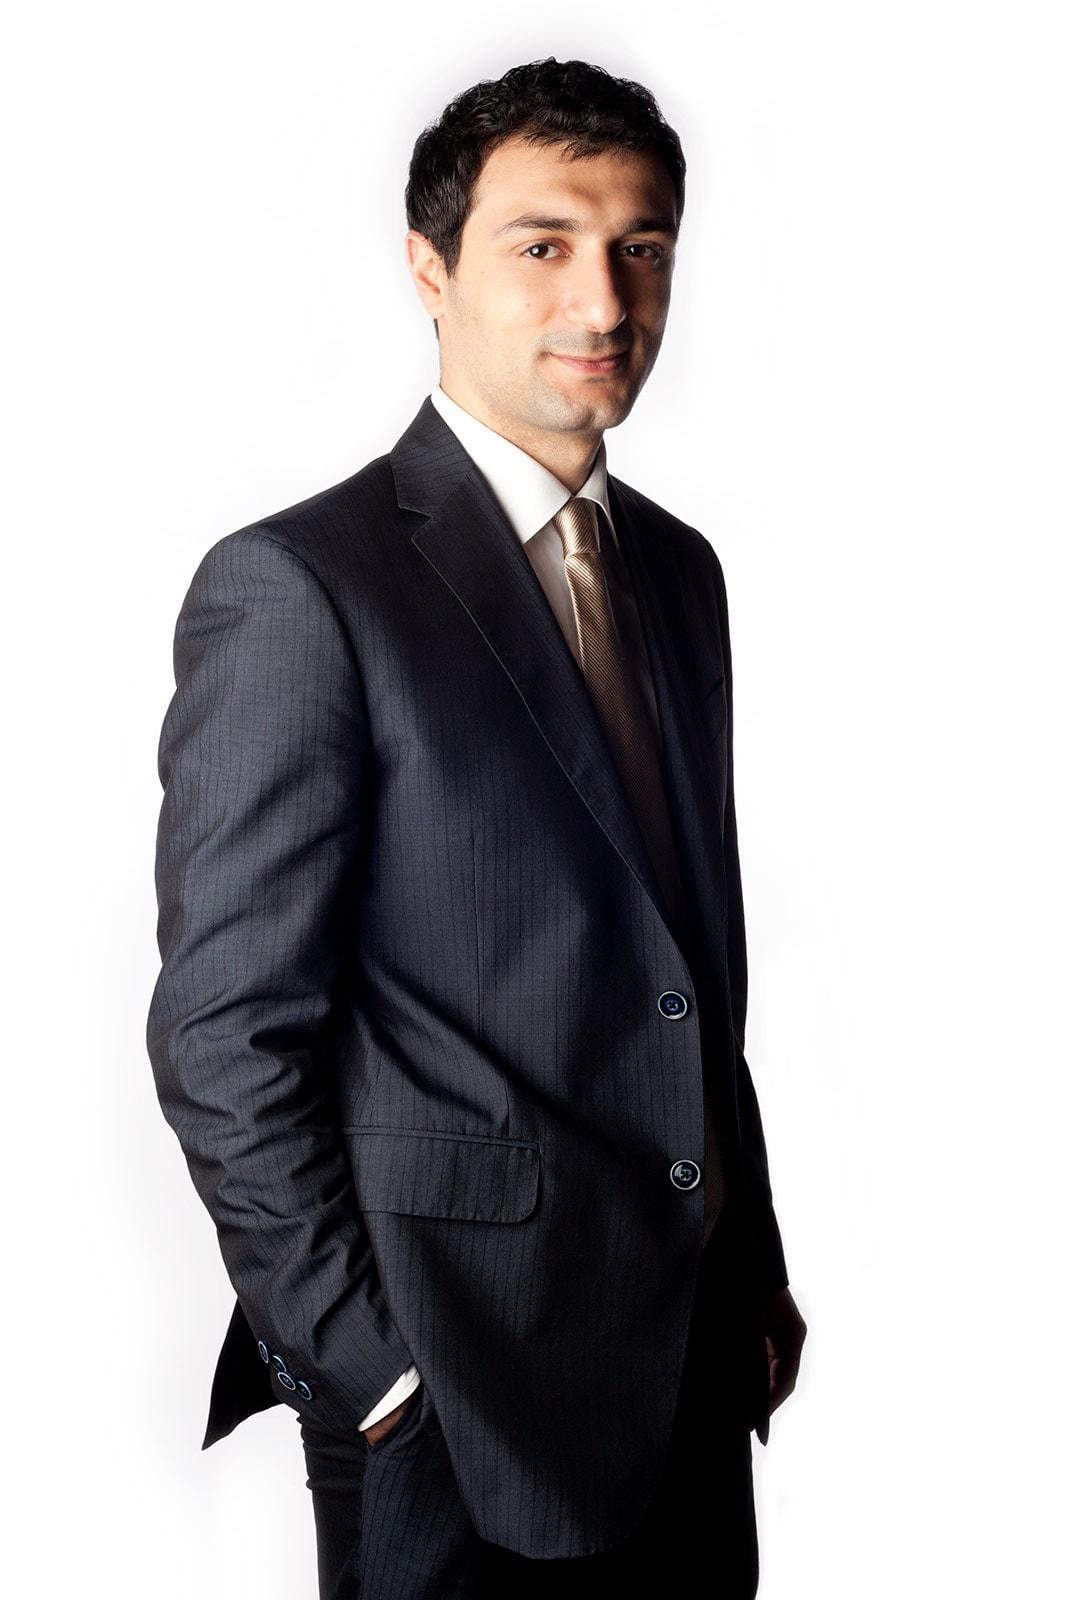 Pasquale Imbalzano campagna elettorale Alessandro Mallamaci